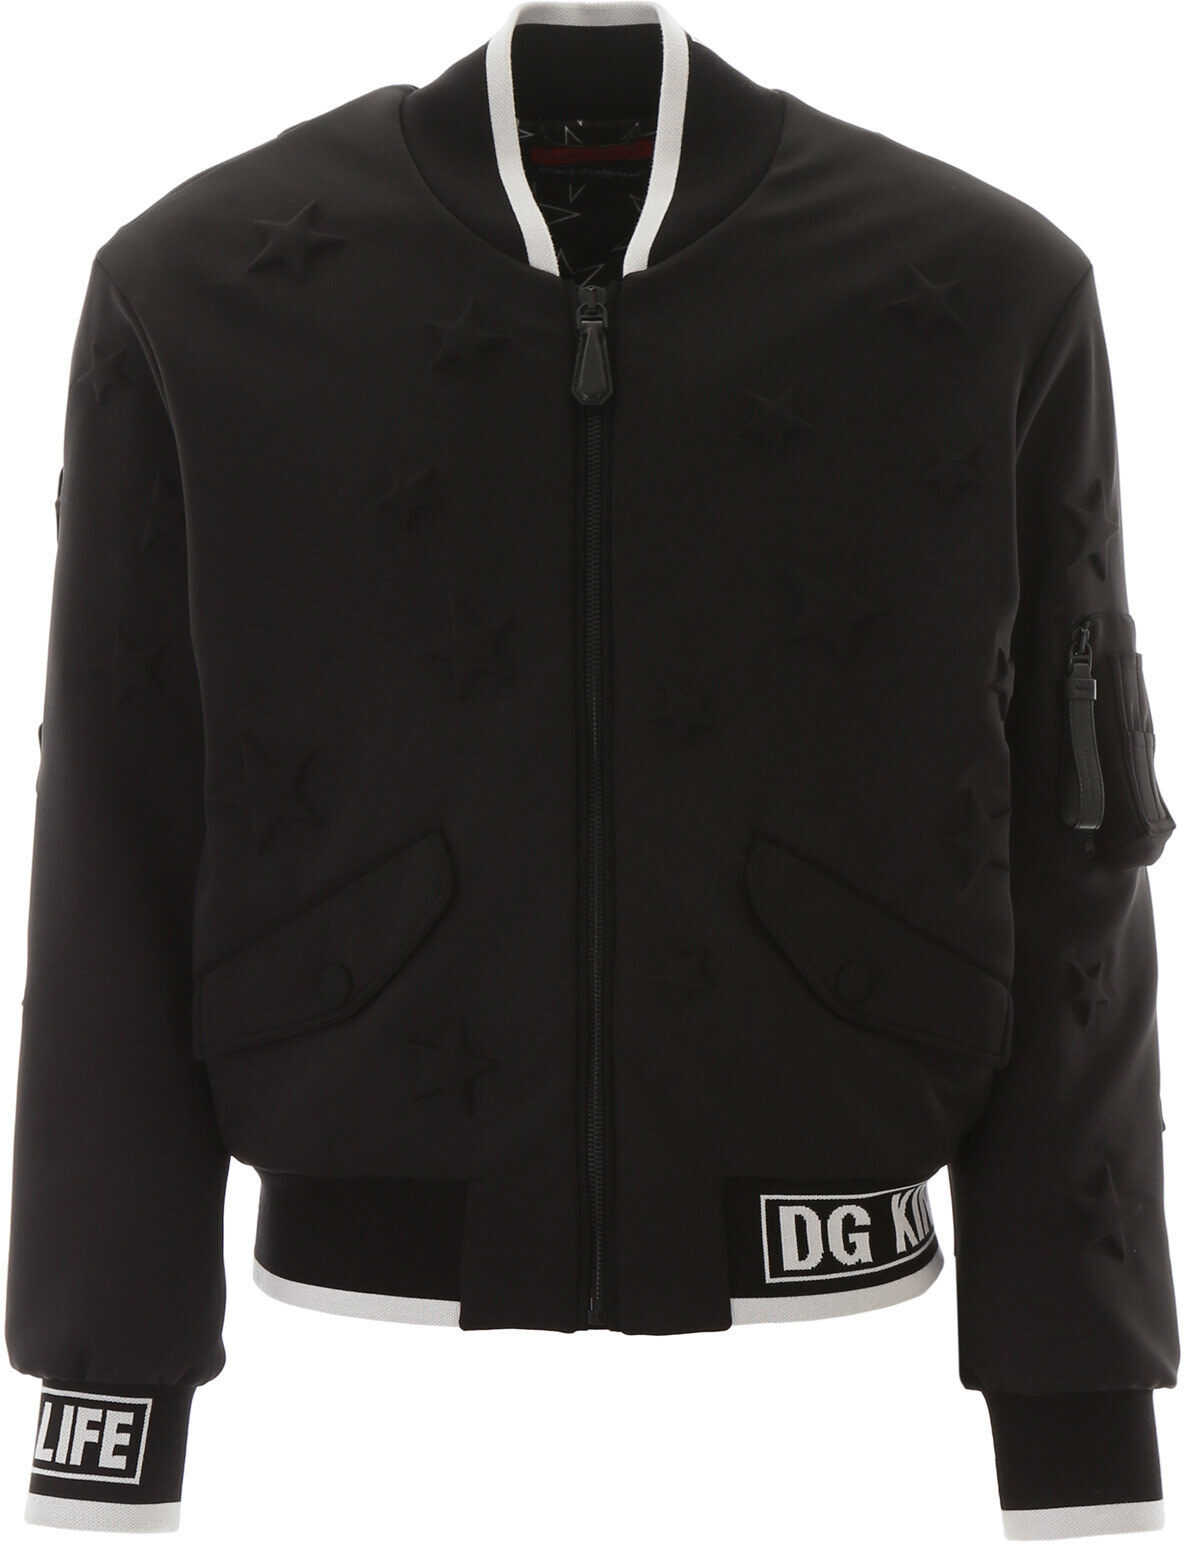 Dolce & Gabbana Dg Millennials Star Bomber Jacket NERO imagine